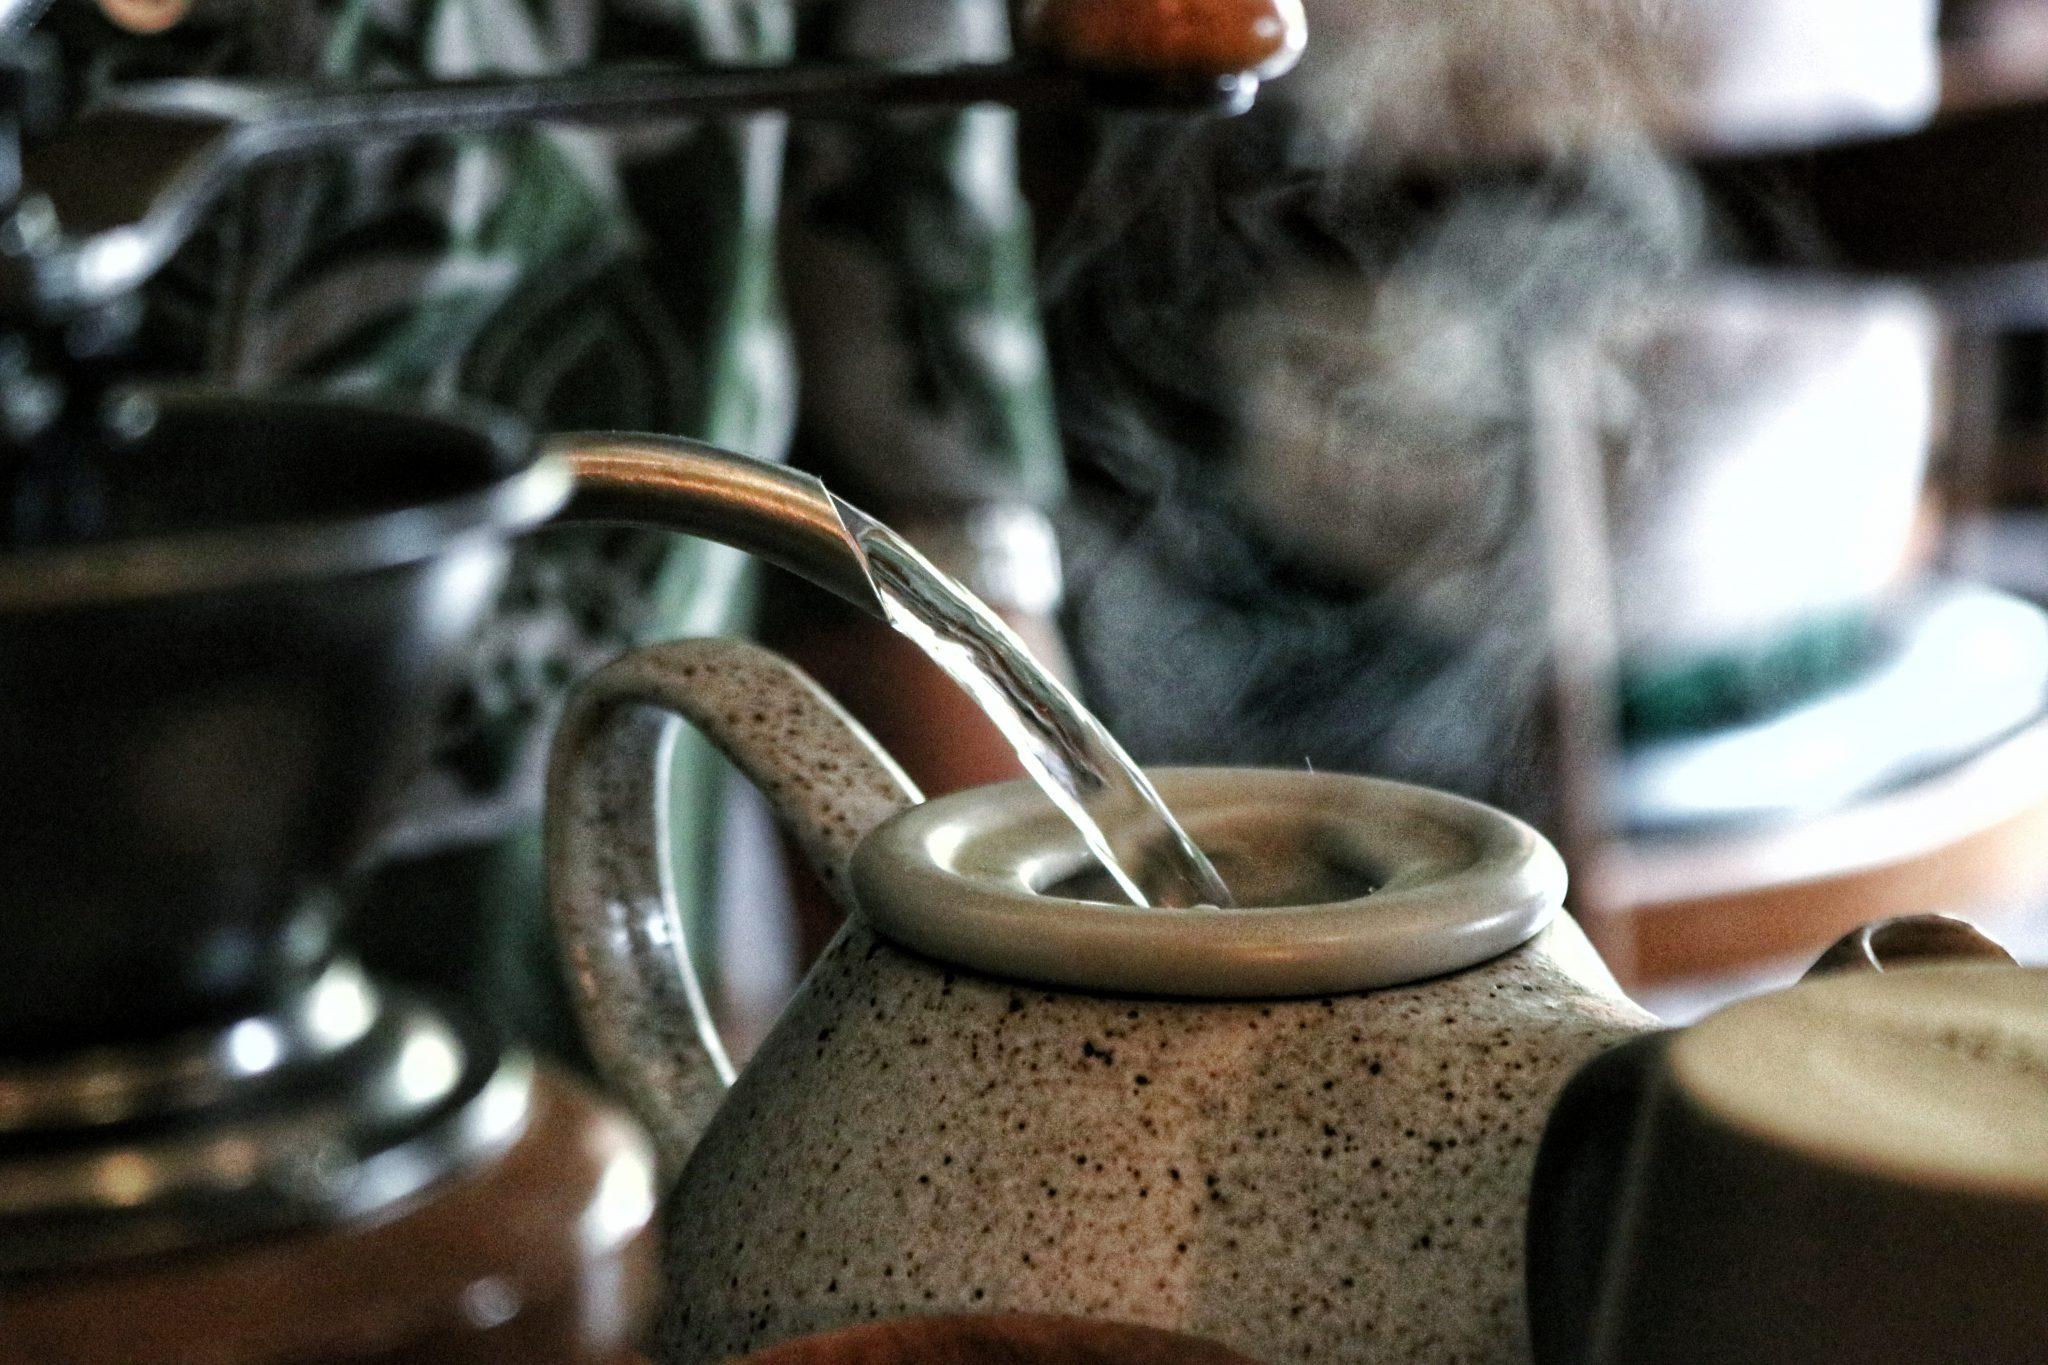 Thường thức trà ướp hoa sói vì hương vị và những tác dụng có lợi đối với sức khỏe